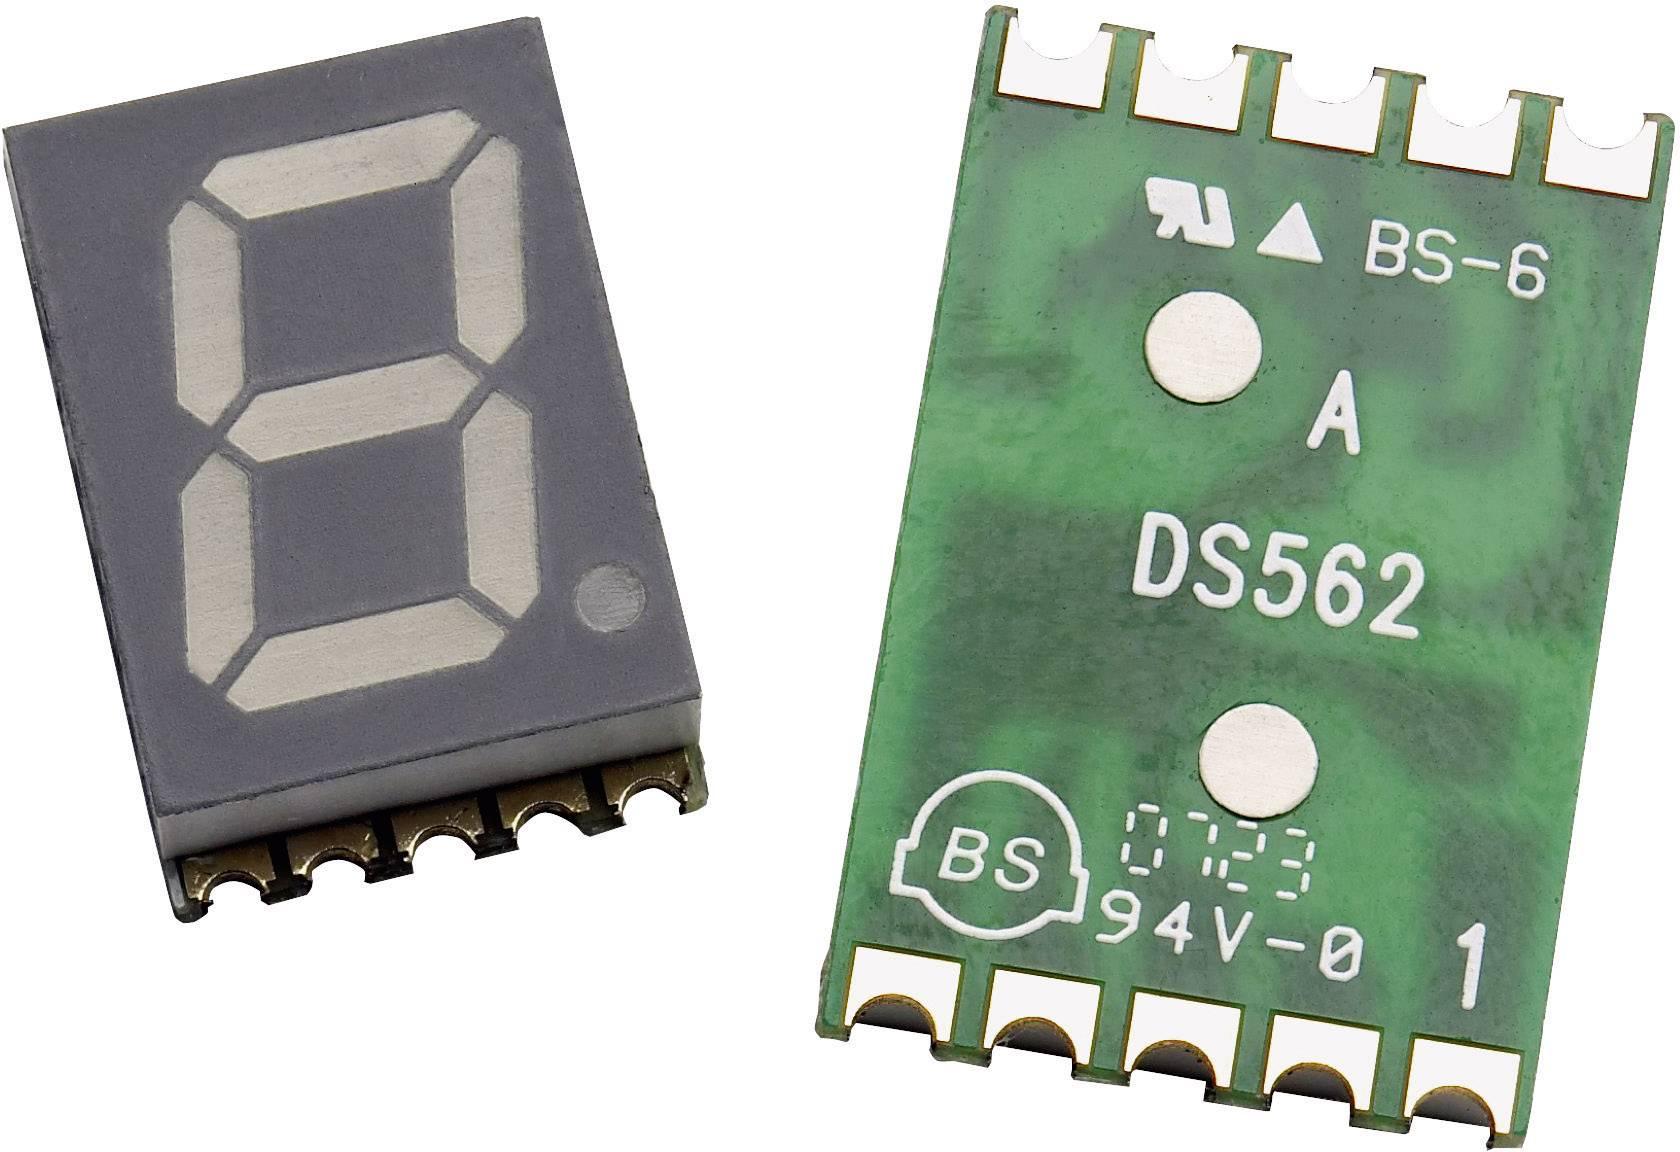 7-segmentový displej Broadcom HDSM-431H, počet číslic 1, 10 mm, 2.1 V, zelená